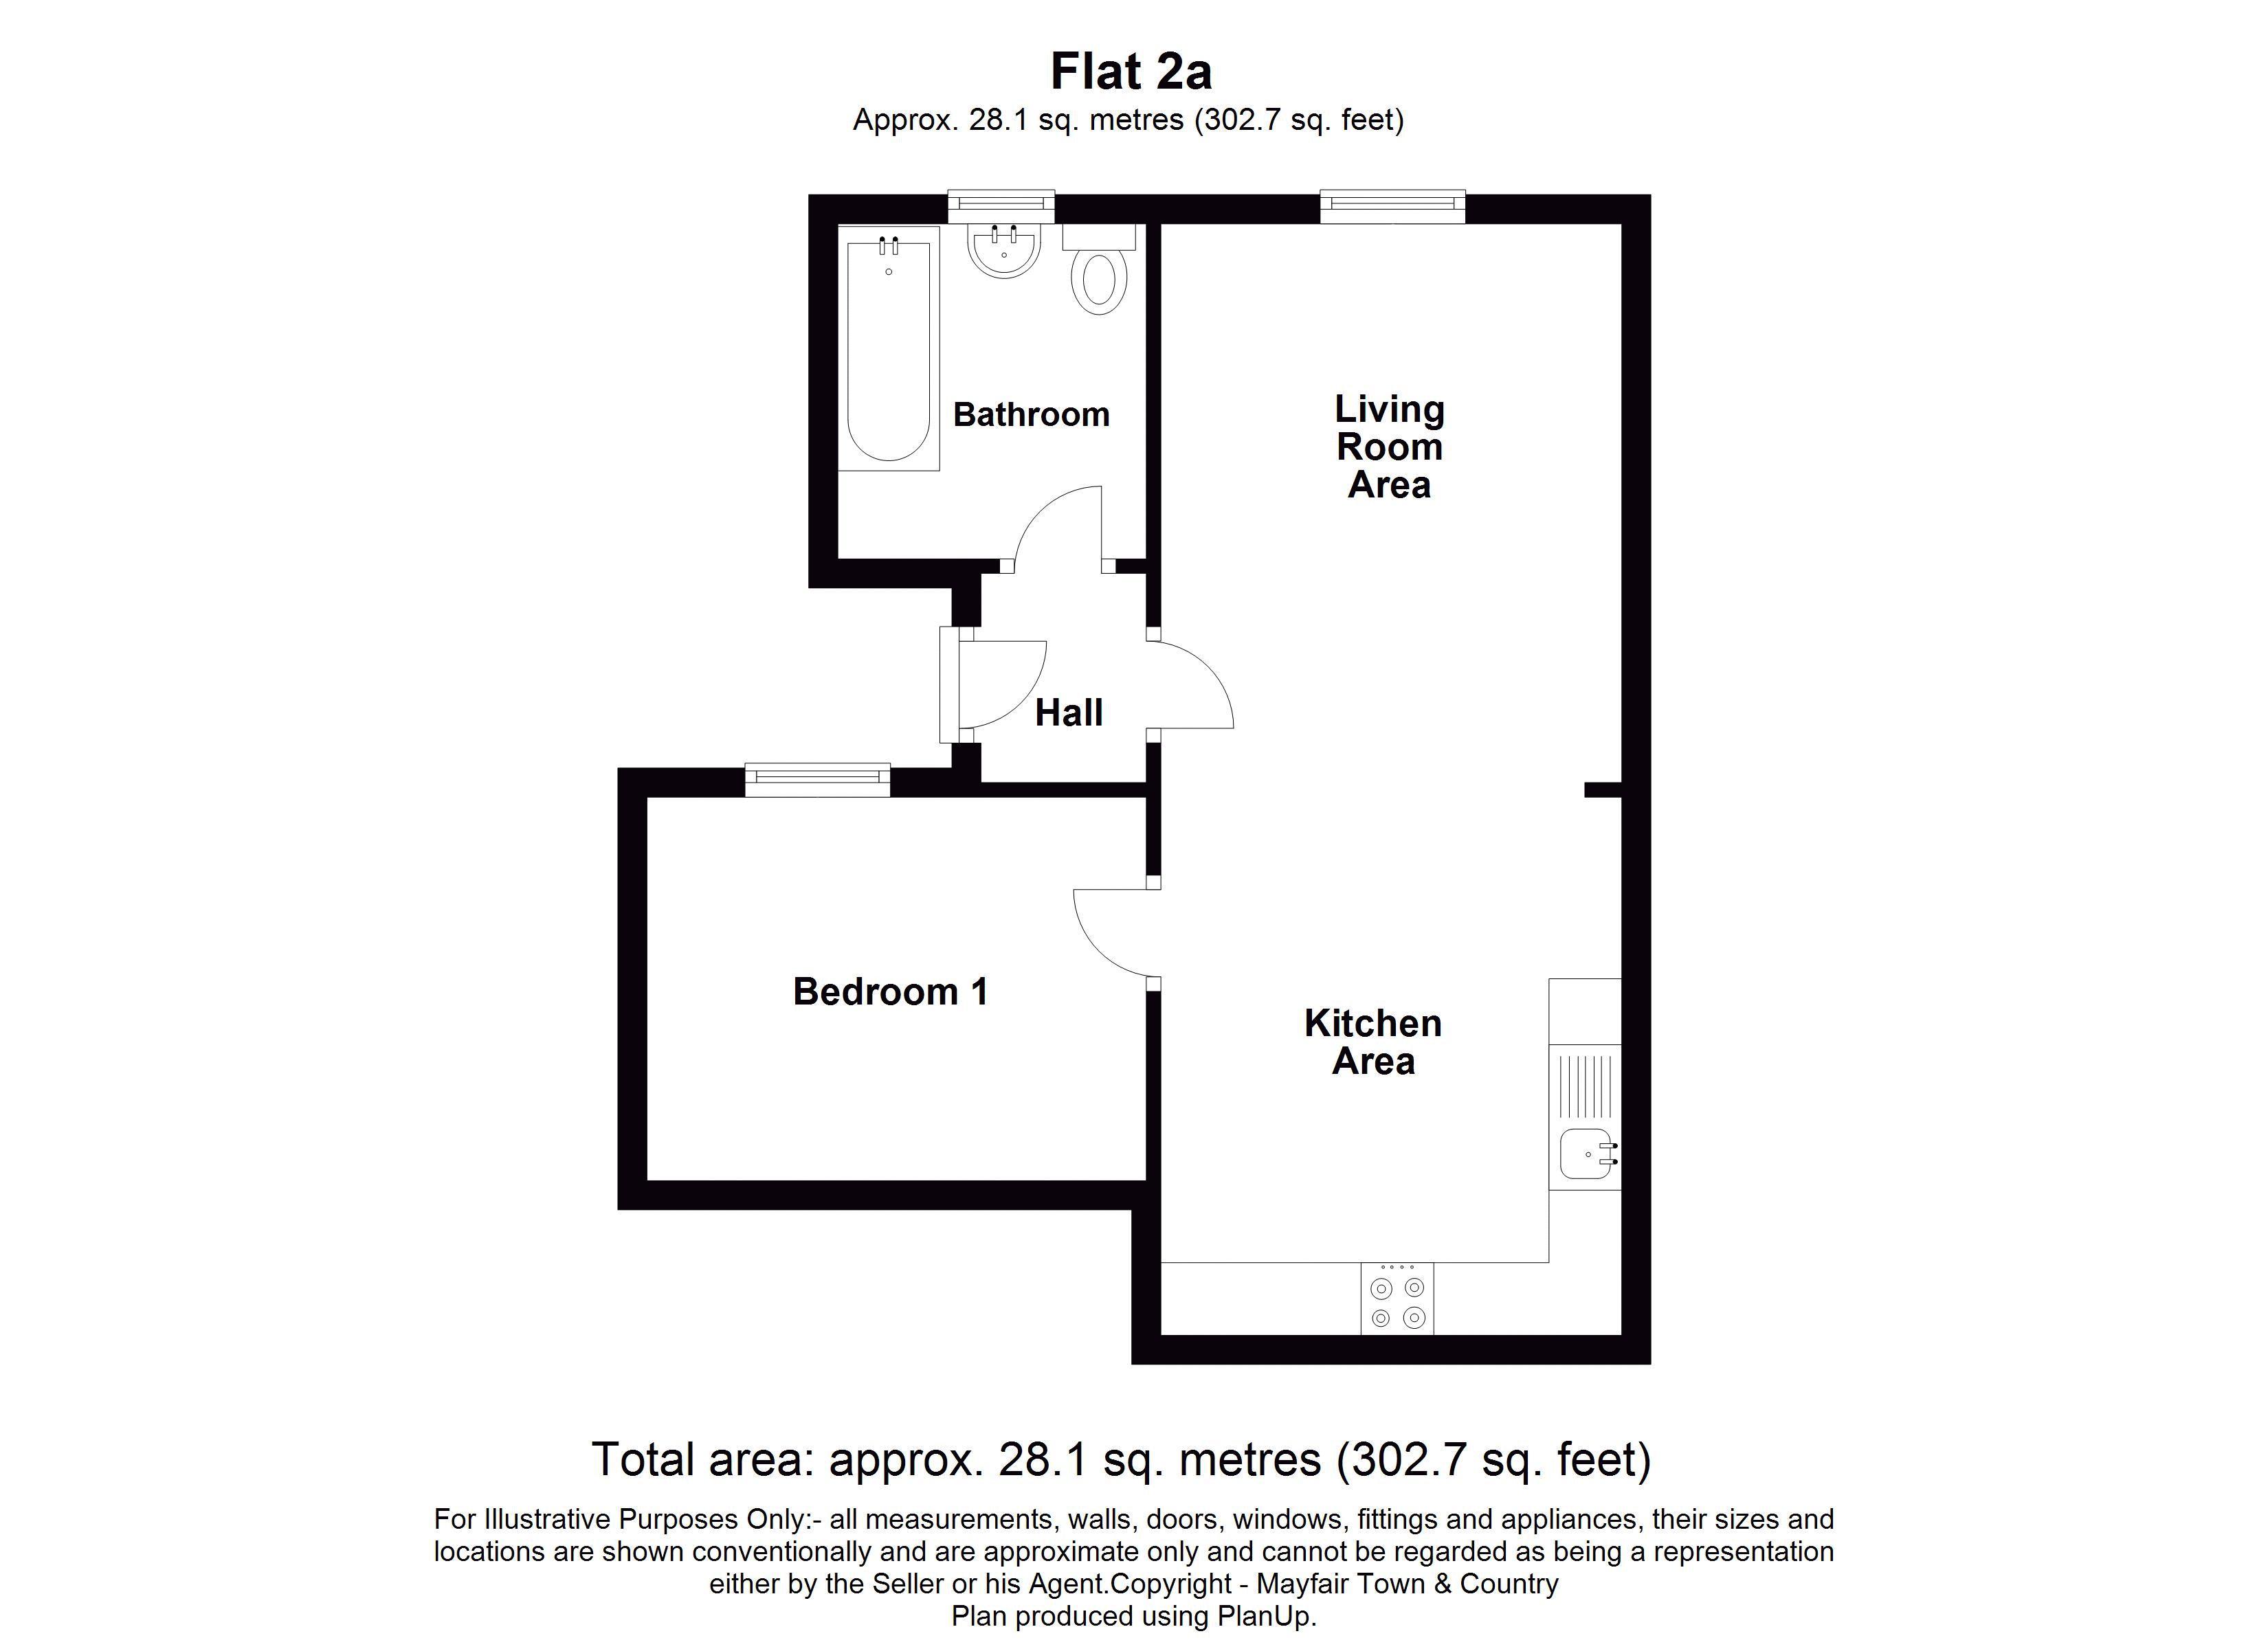 Flat 2A